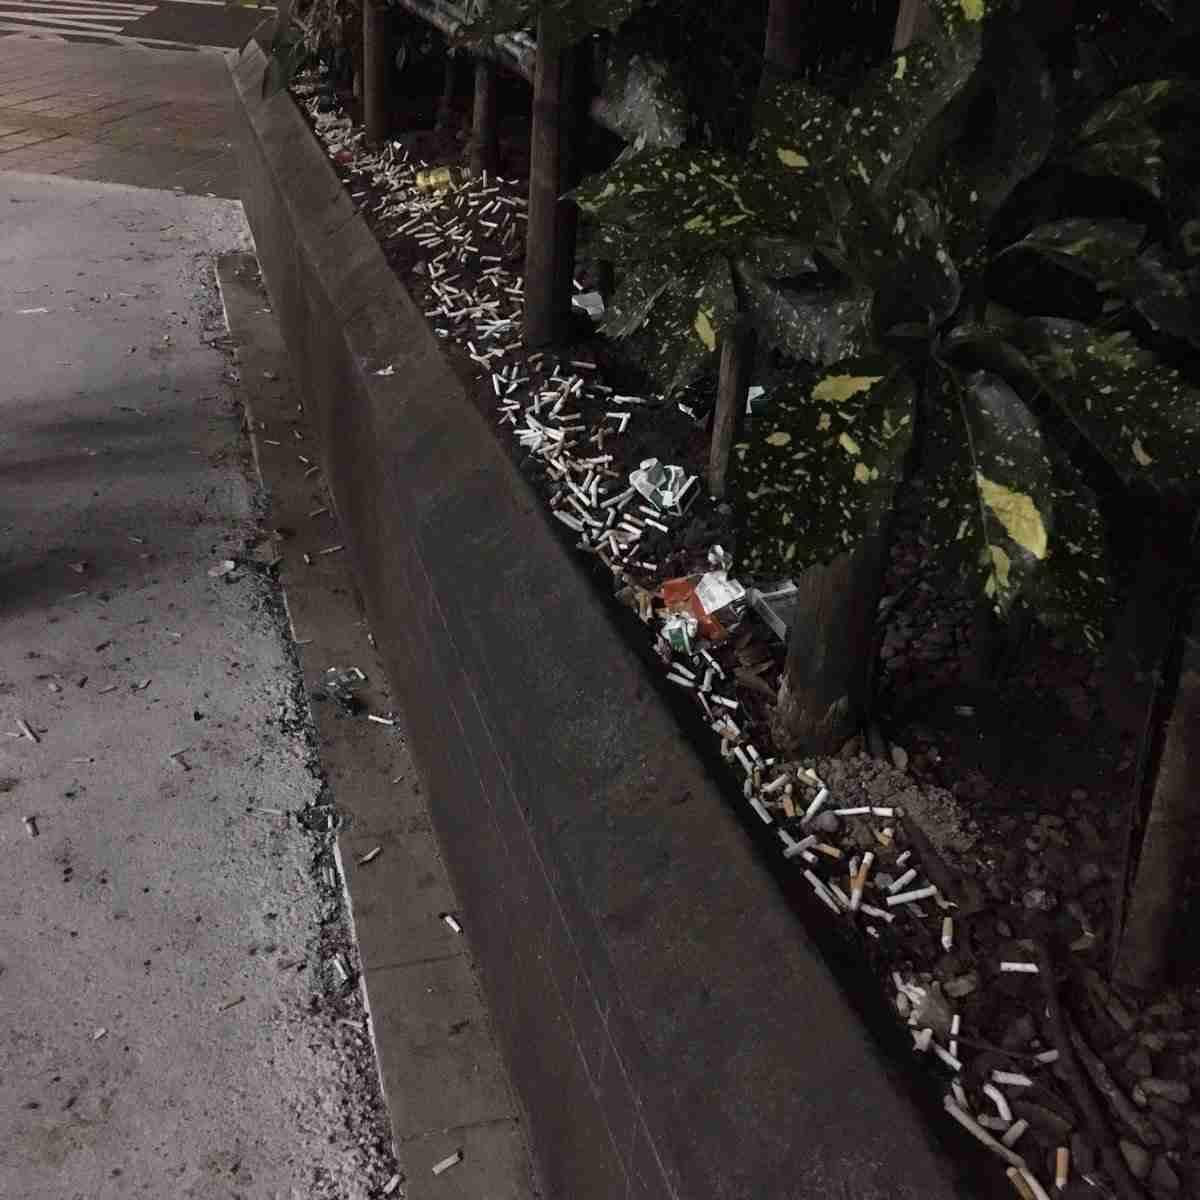 ハチ公前、路上喫煙が後絶たず 清掃員の面前でポイ捨て